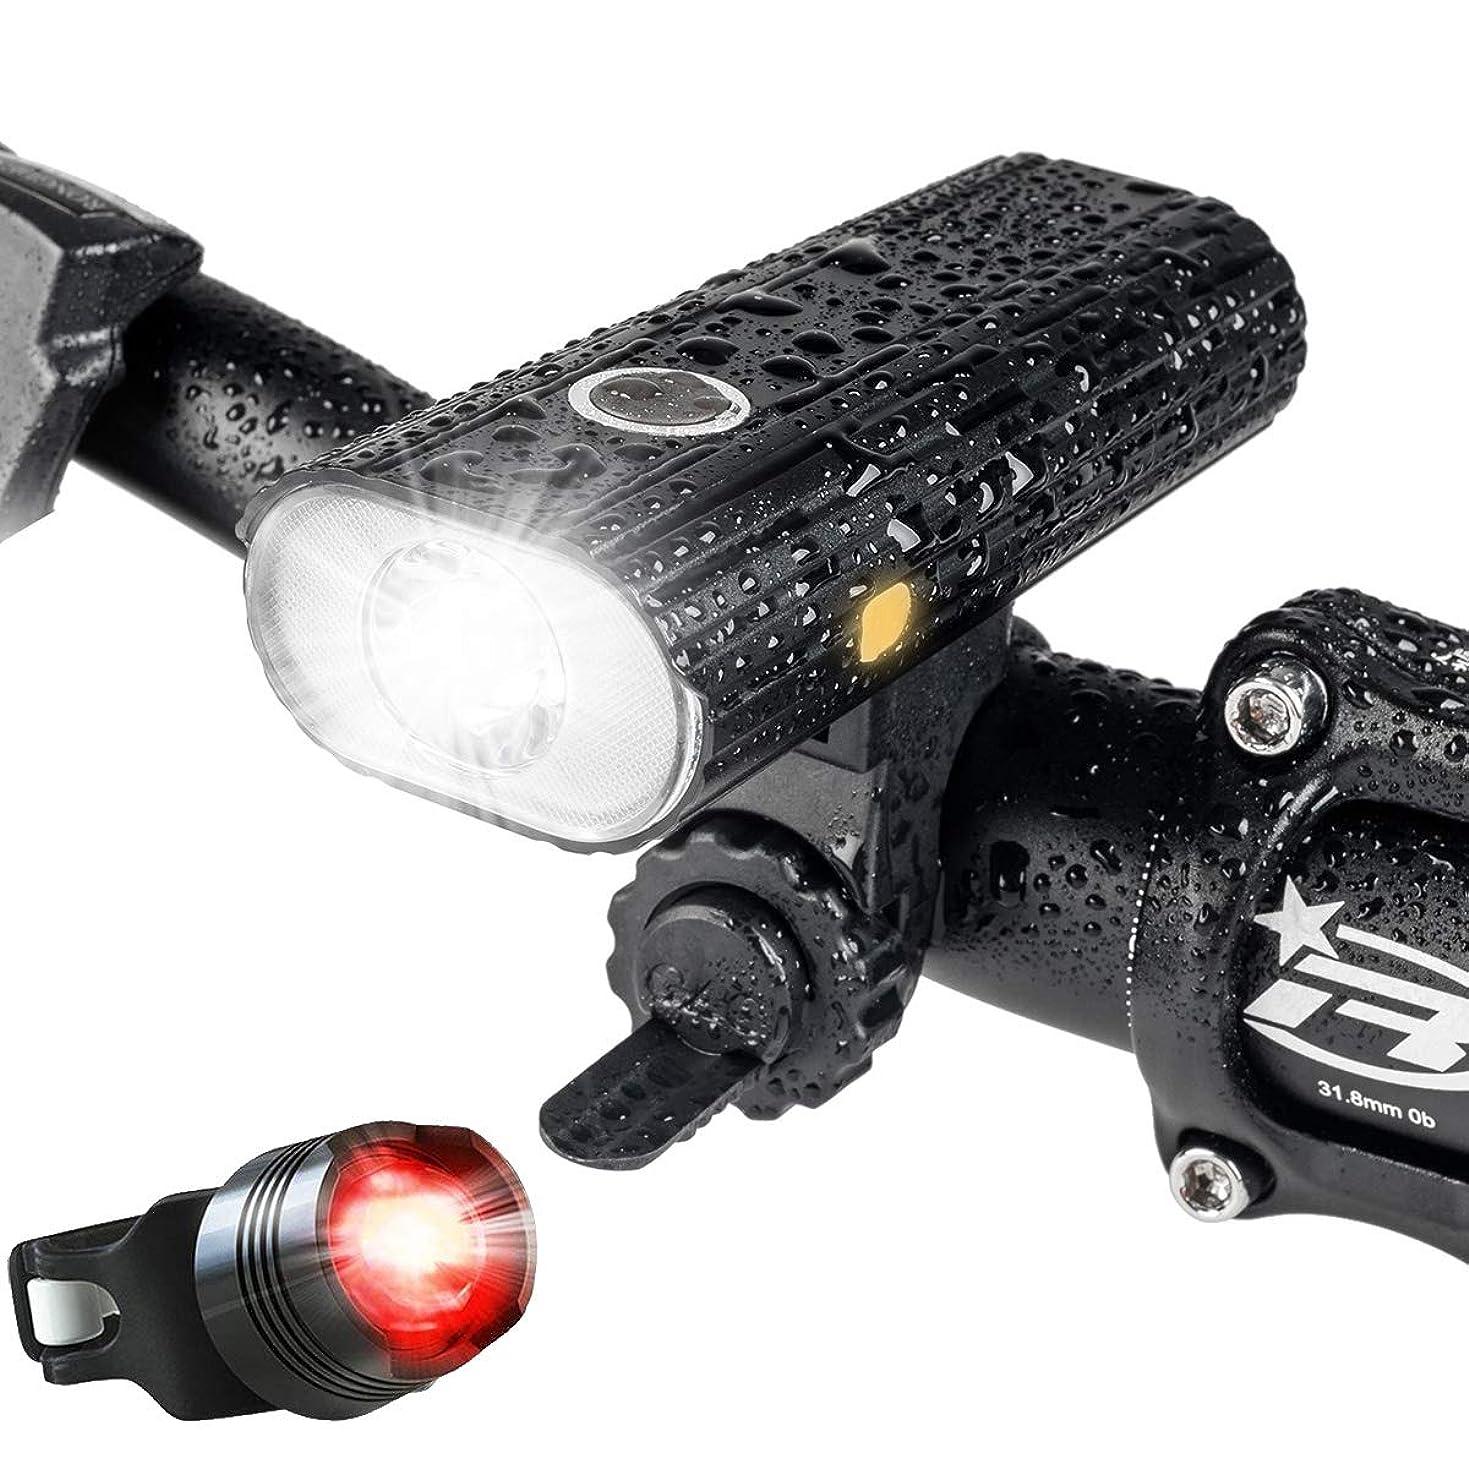 ジャーナリストゴミ窒息させる自転車 ライト、USB 充電式 LED 自転車 ヘッドライト、800ルーメン、5点灯モード懐中電灯 - 夜間乗り/キャンプ/ウォーキングドッグに最適